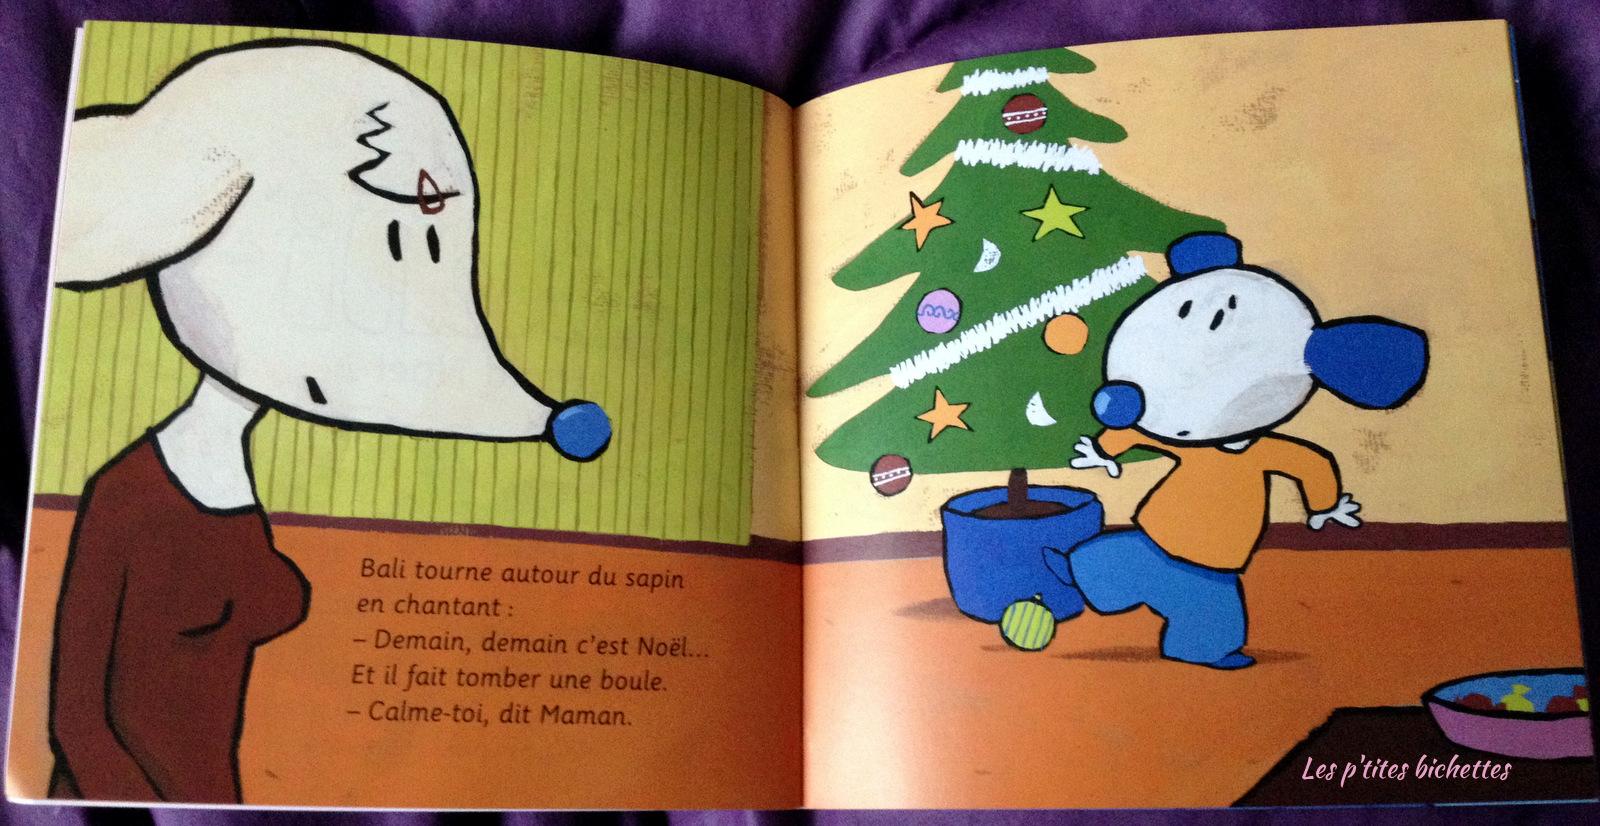 Chut les enfants lisent_Les p'tites bichettes